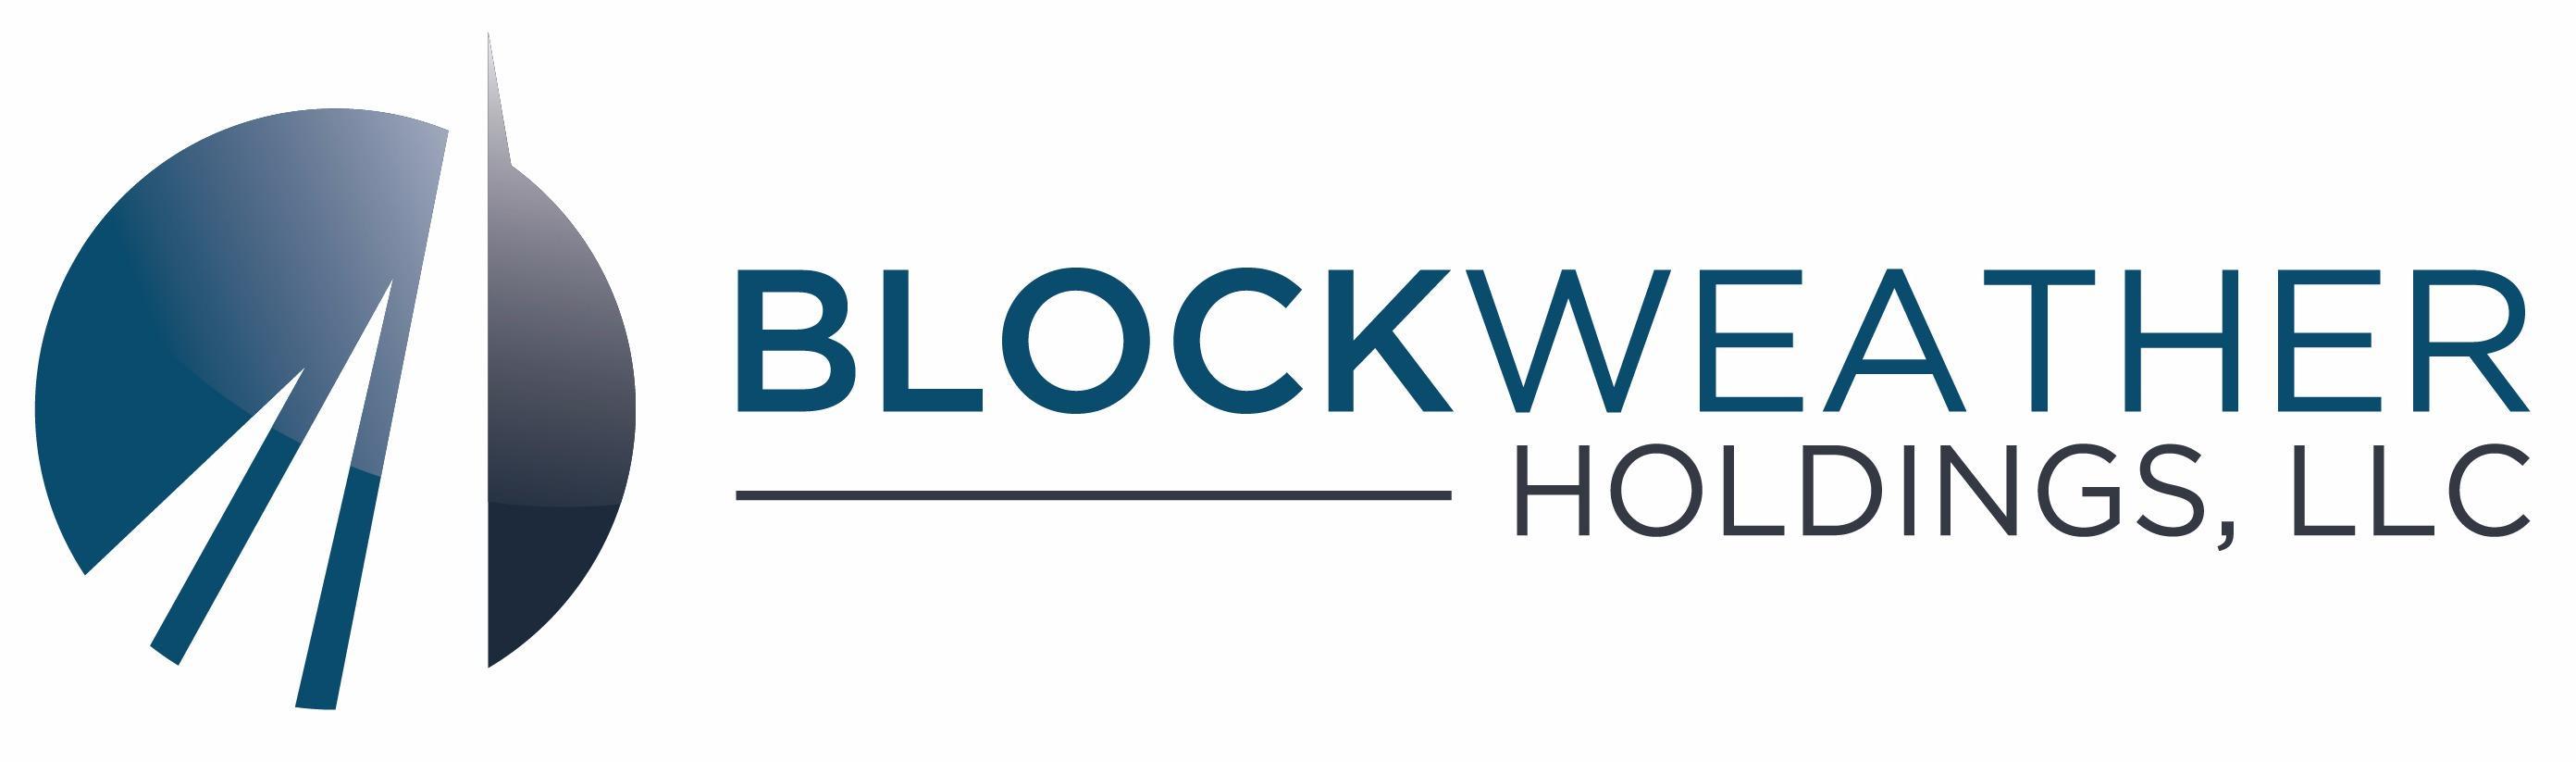 Blockweather Holdings, LLC image 0